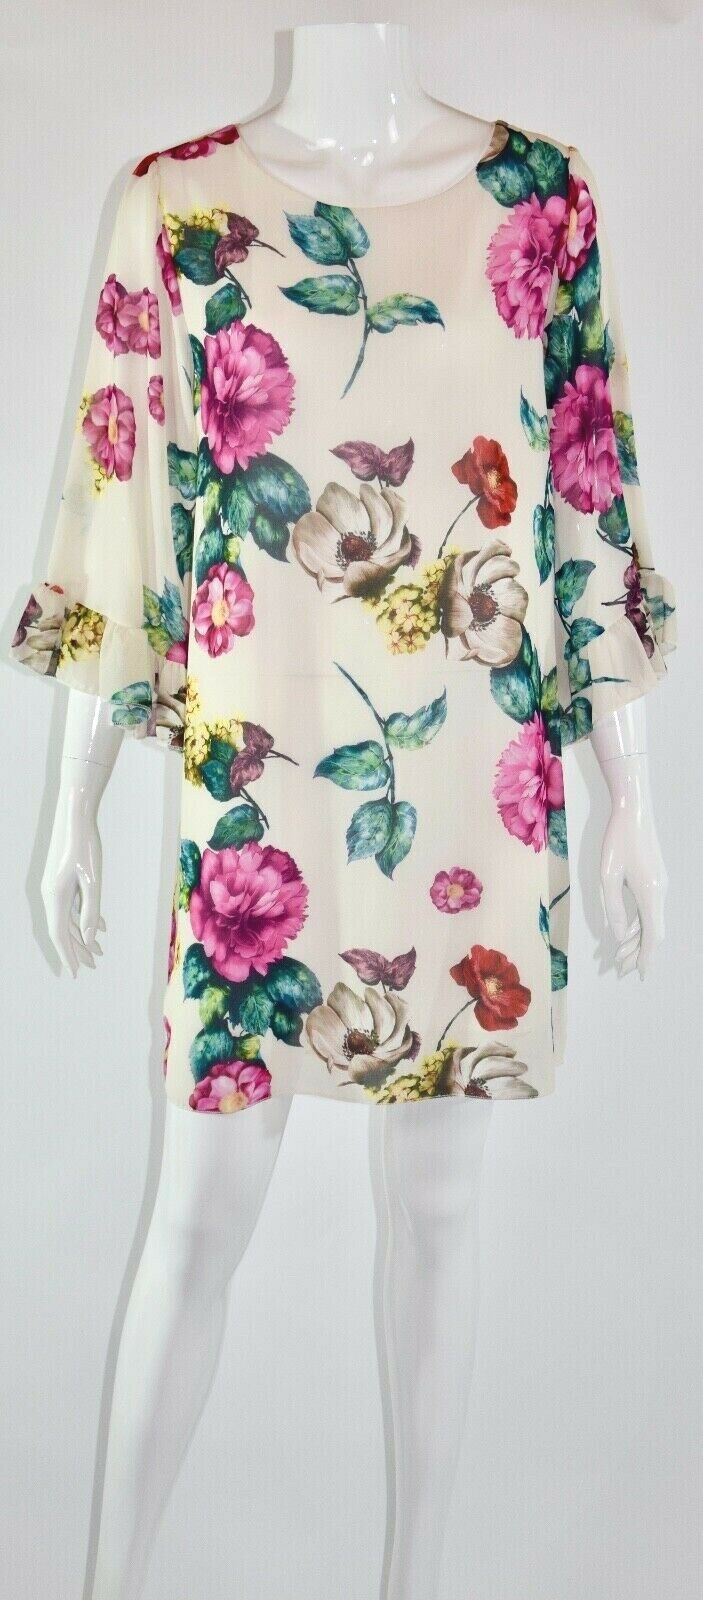 Kleid Damen mit großem Blumenprint weiss/beige Mode aus Italien